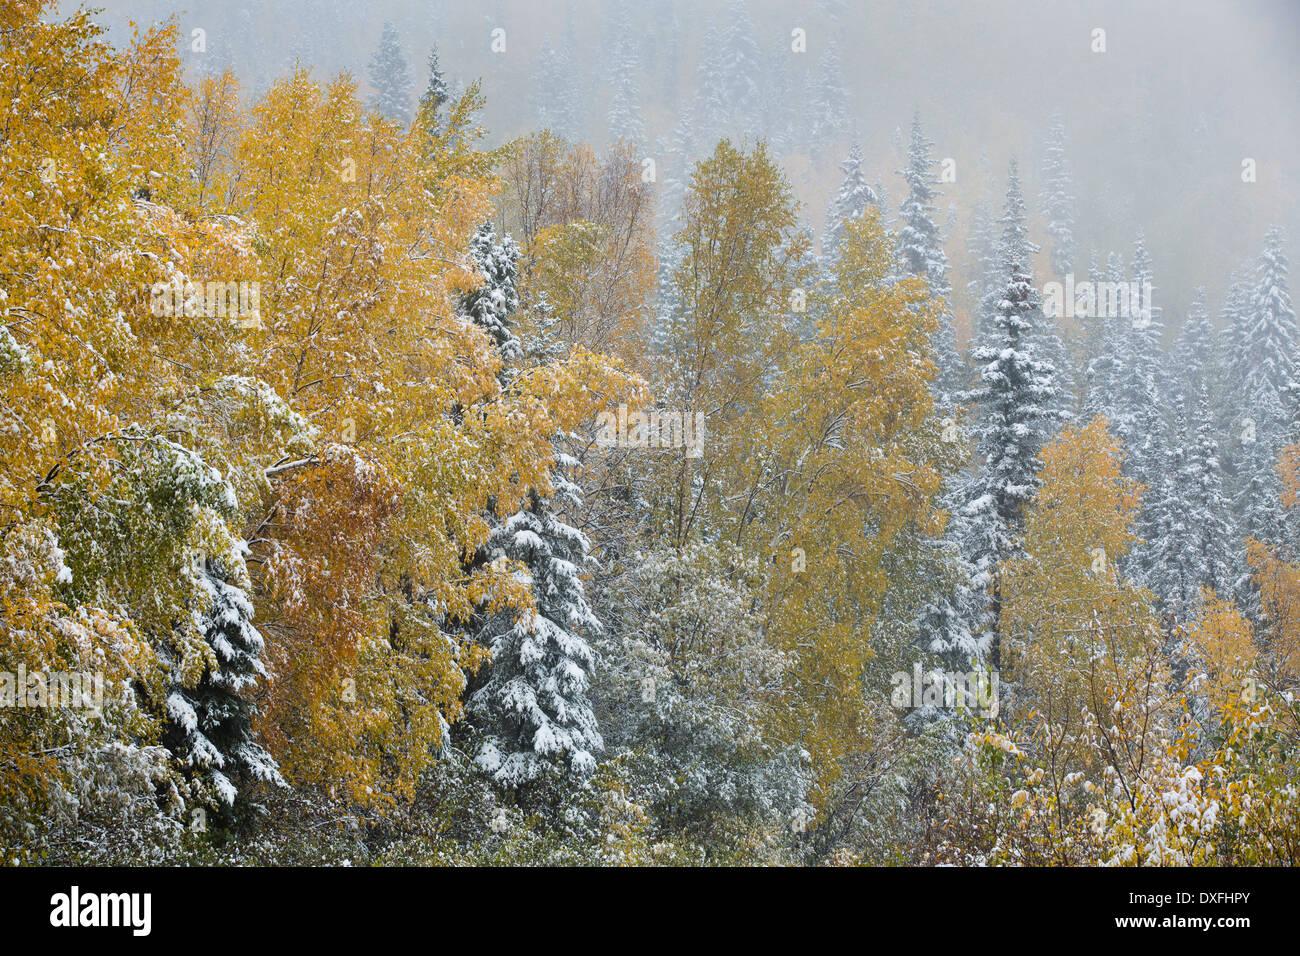 La prima neve e i colori autunnali sulla pista di argento nr Mayo, Yukon Territori, Canada Immagini Stock